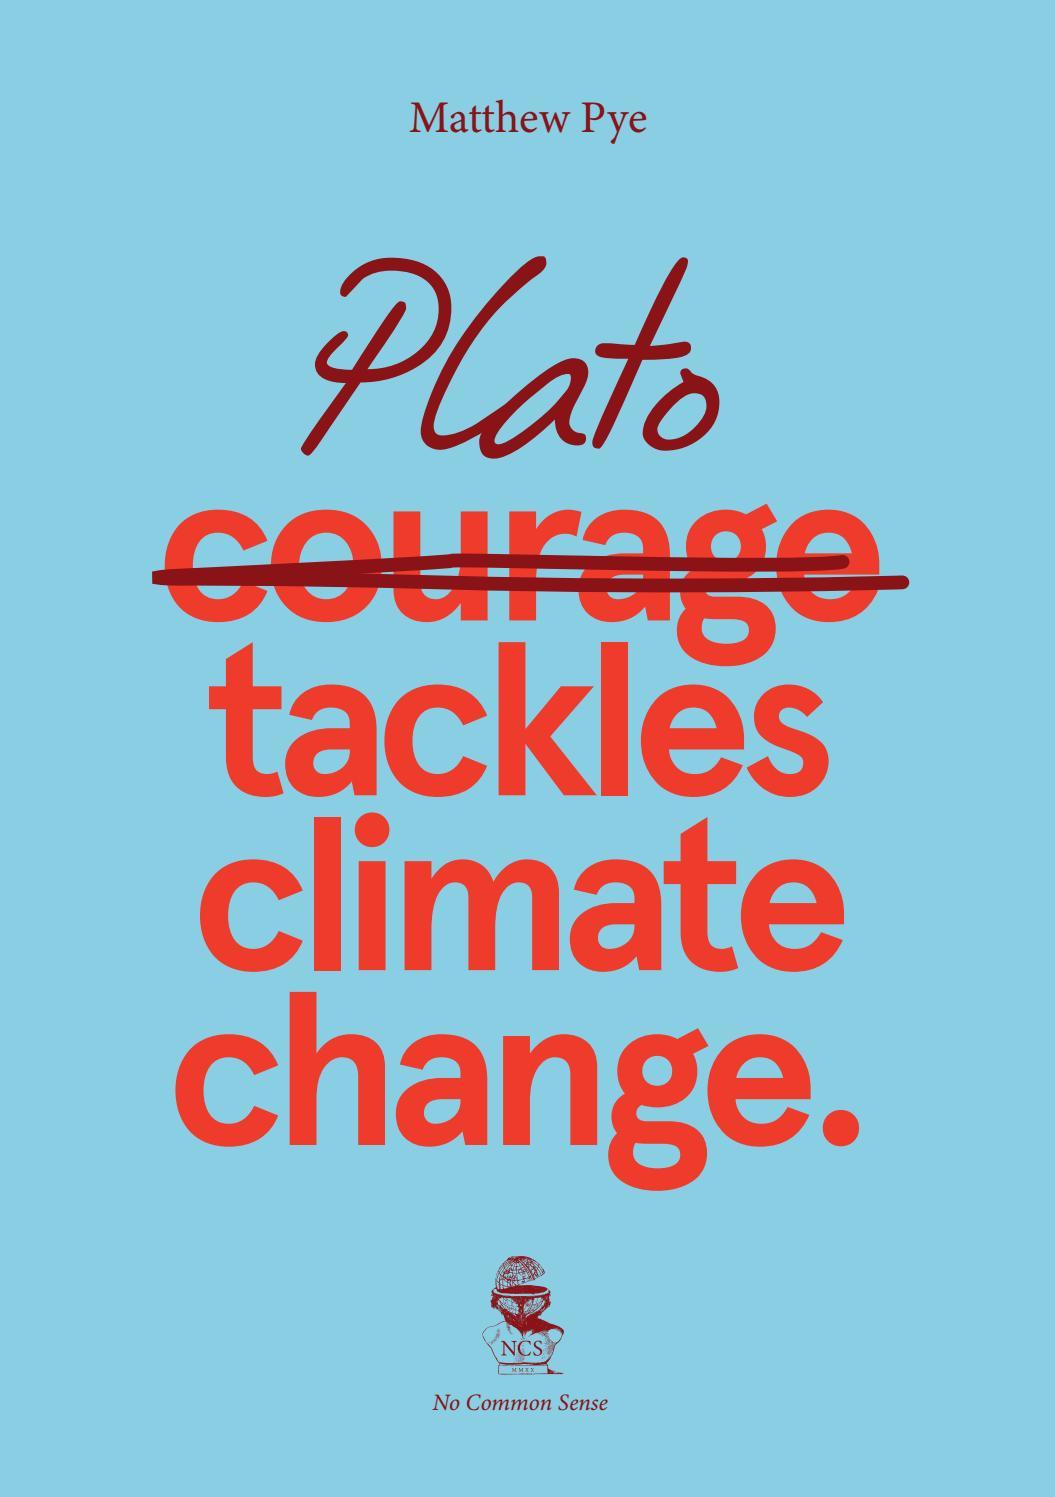 Matthew Pye   Plato Tackles Climate Change by Matthew Pye   issuu